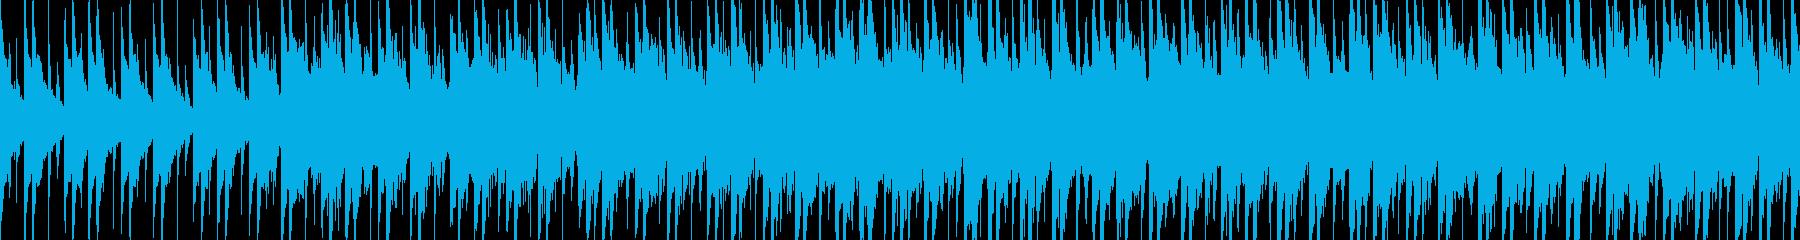 妖艶かつ哀愁漂う和風曲(ループ)ですの再生済みの波形